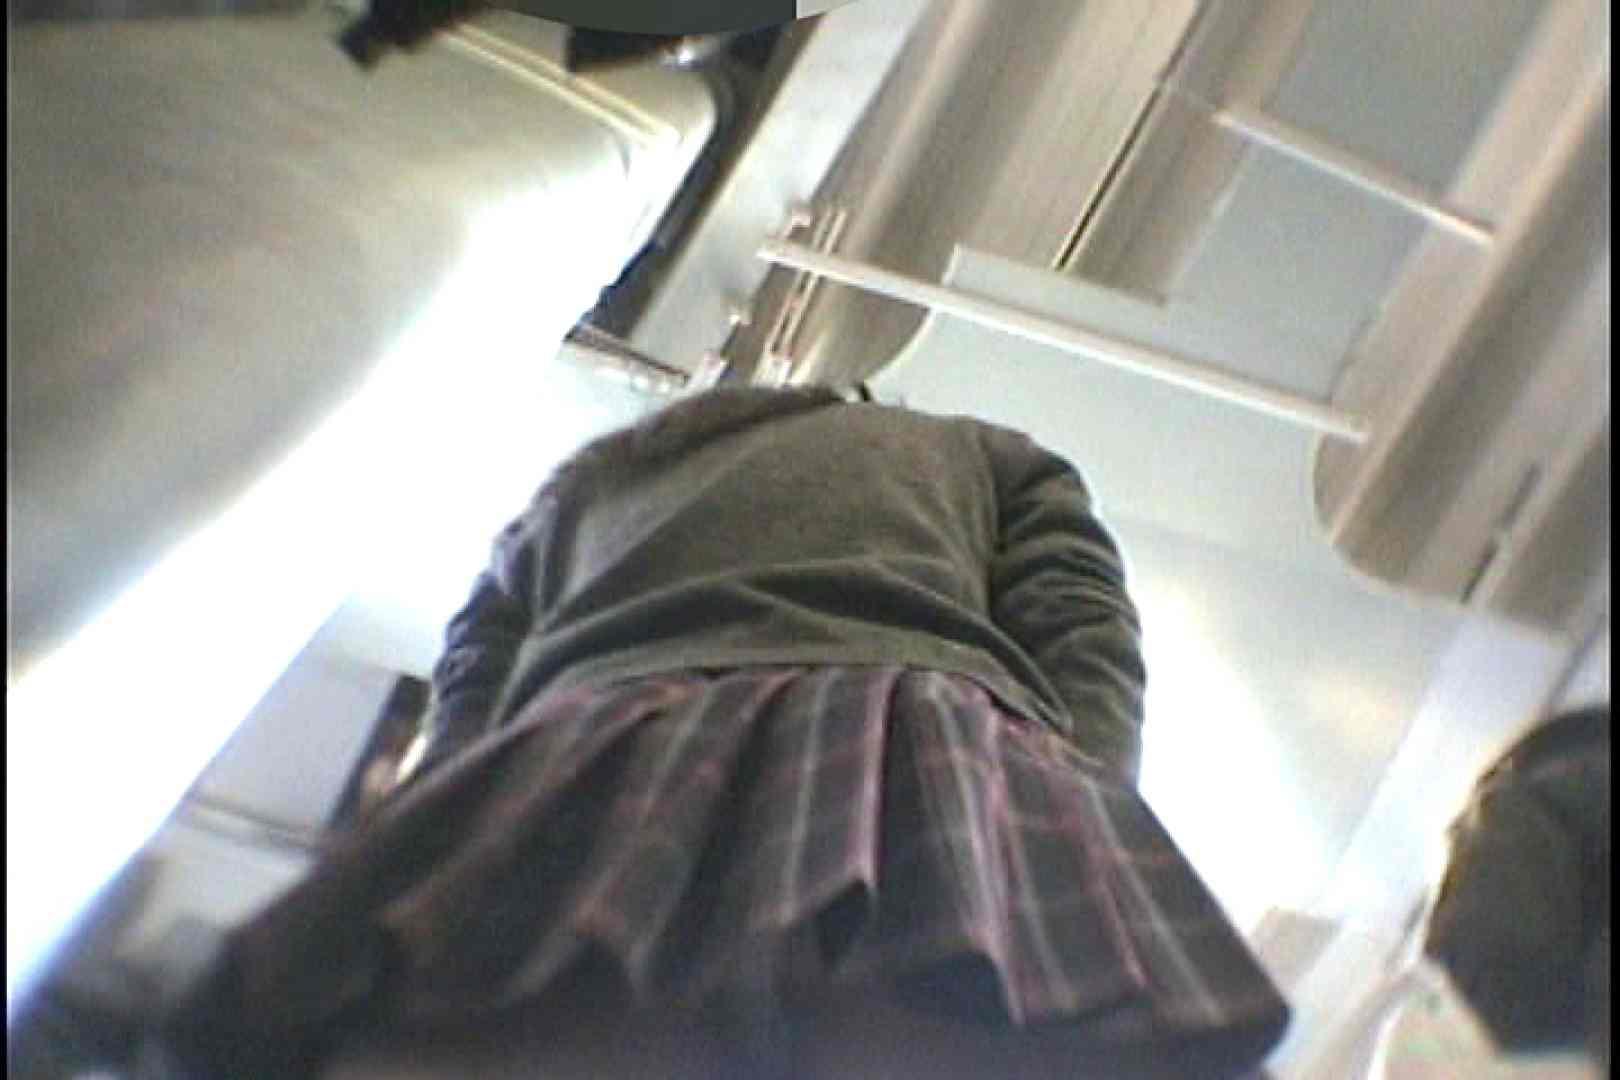 セックスアダルト動画|会員No.3番 KAIさんのパンチラ現役女子の会|怪盗ジョーカー